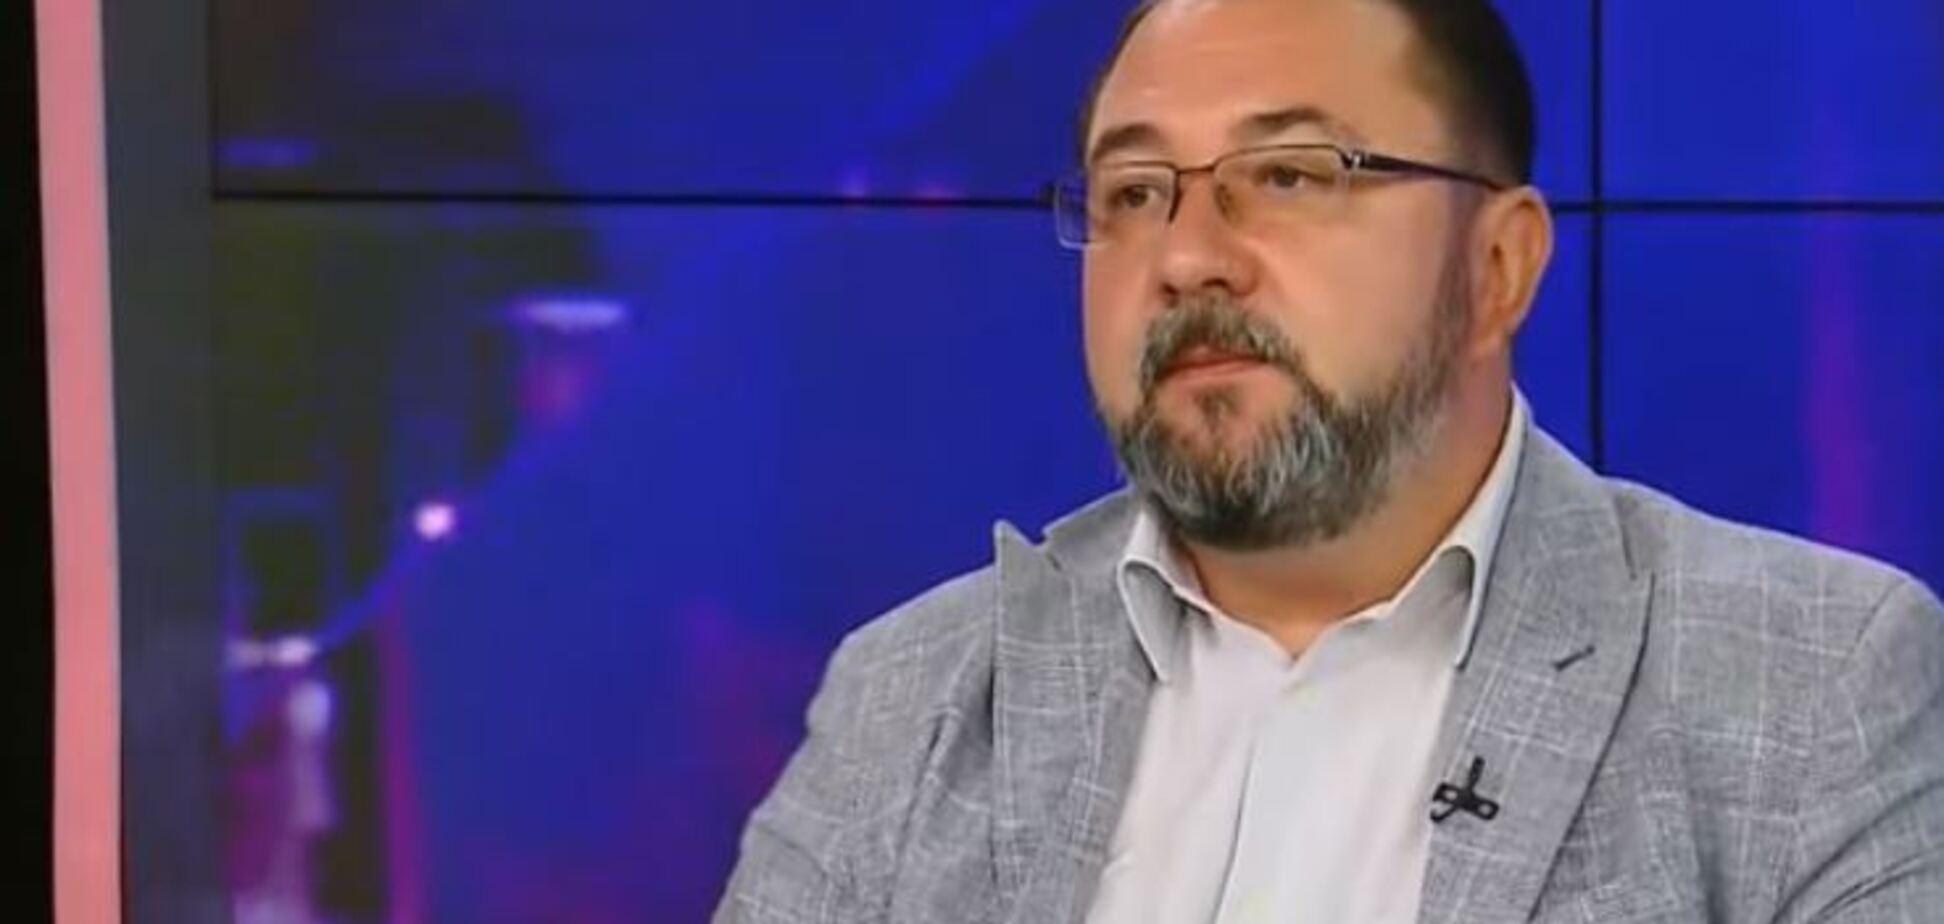 Потураев назвал шуткой желание 'швырнуть' бомбу на Москву